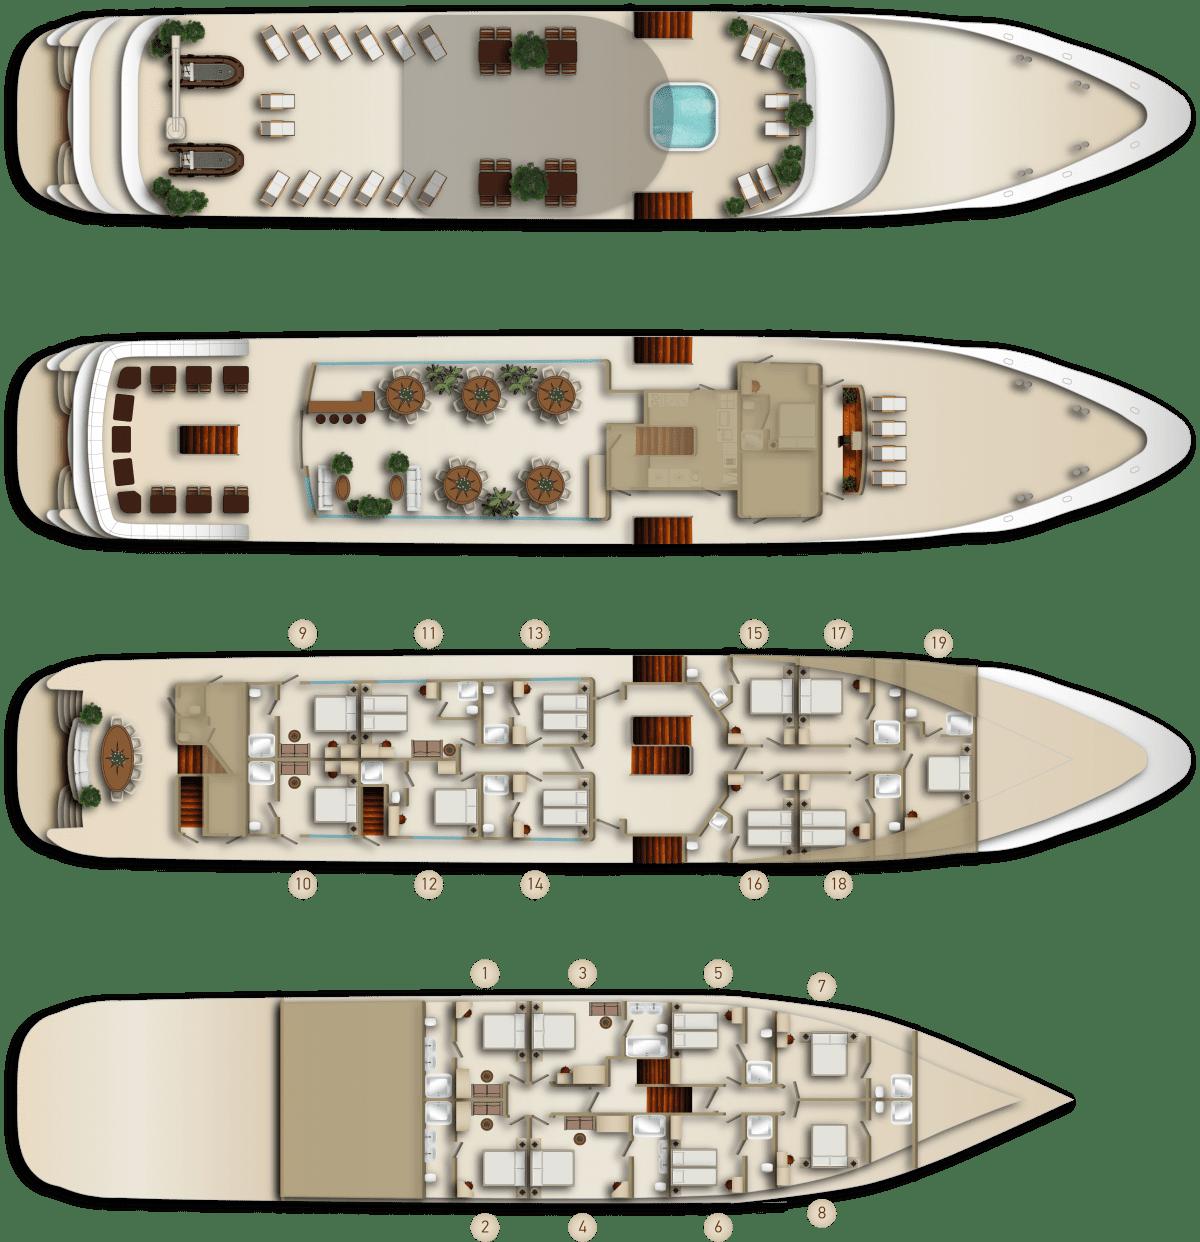 Deck Plan MS Mama Marija II